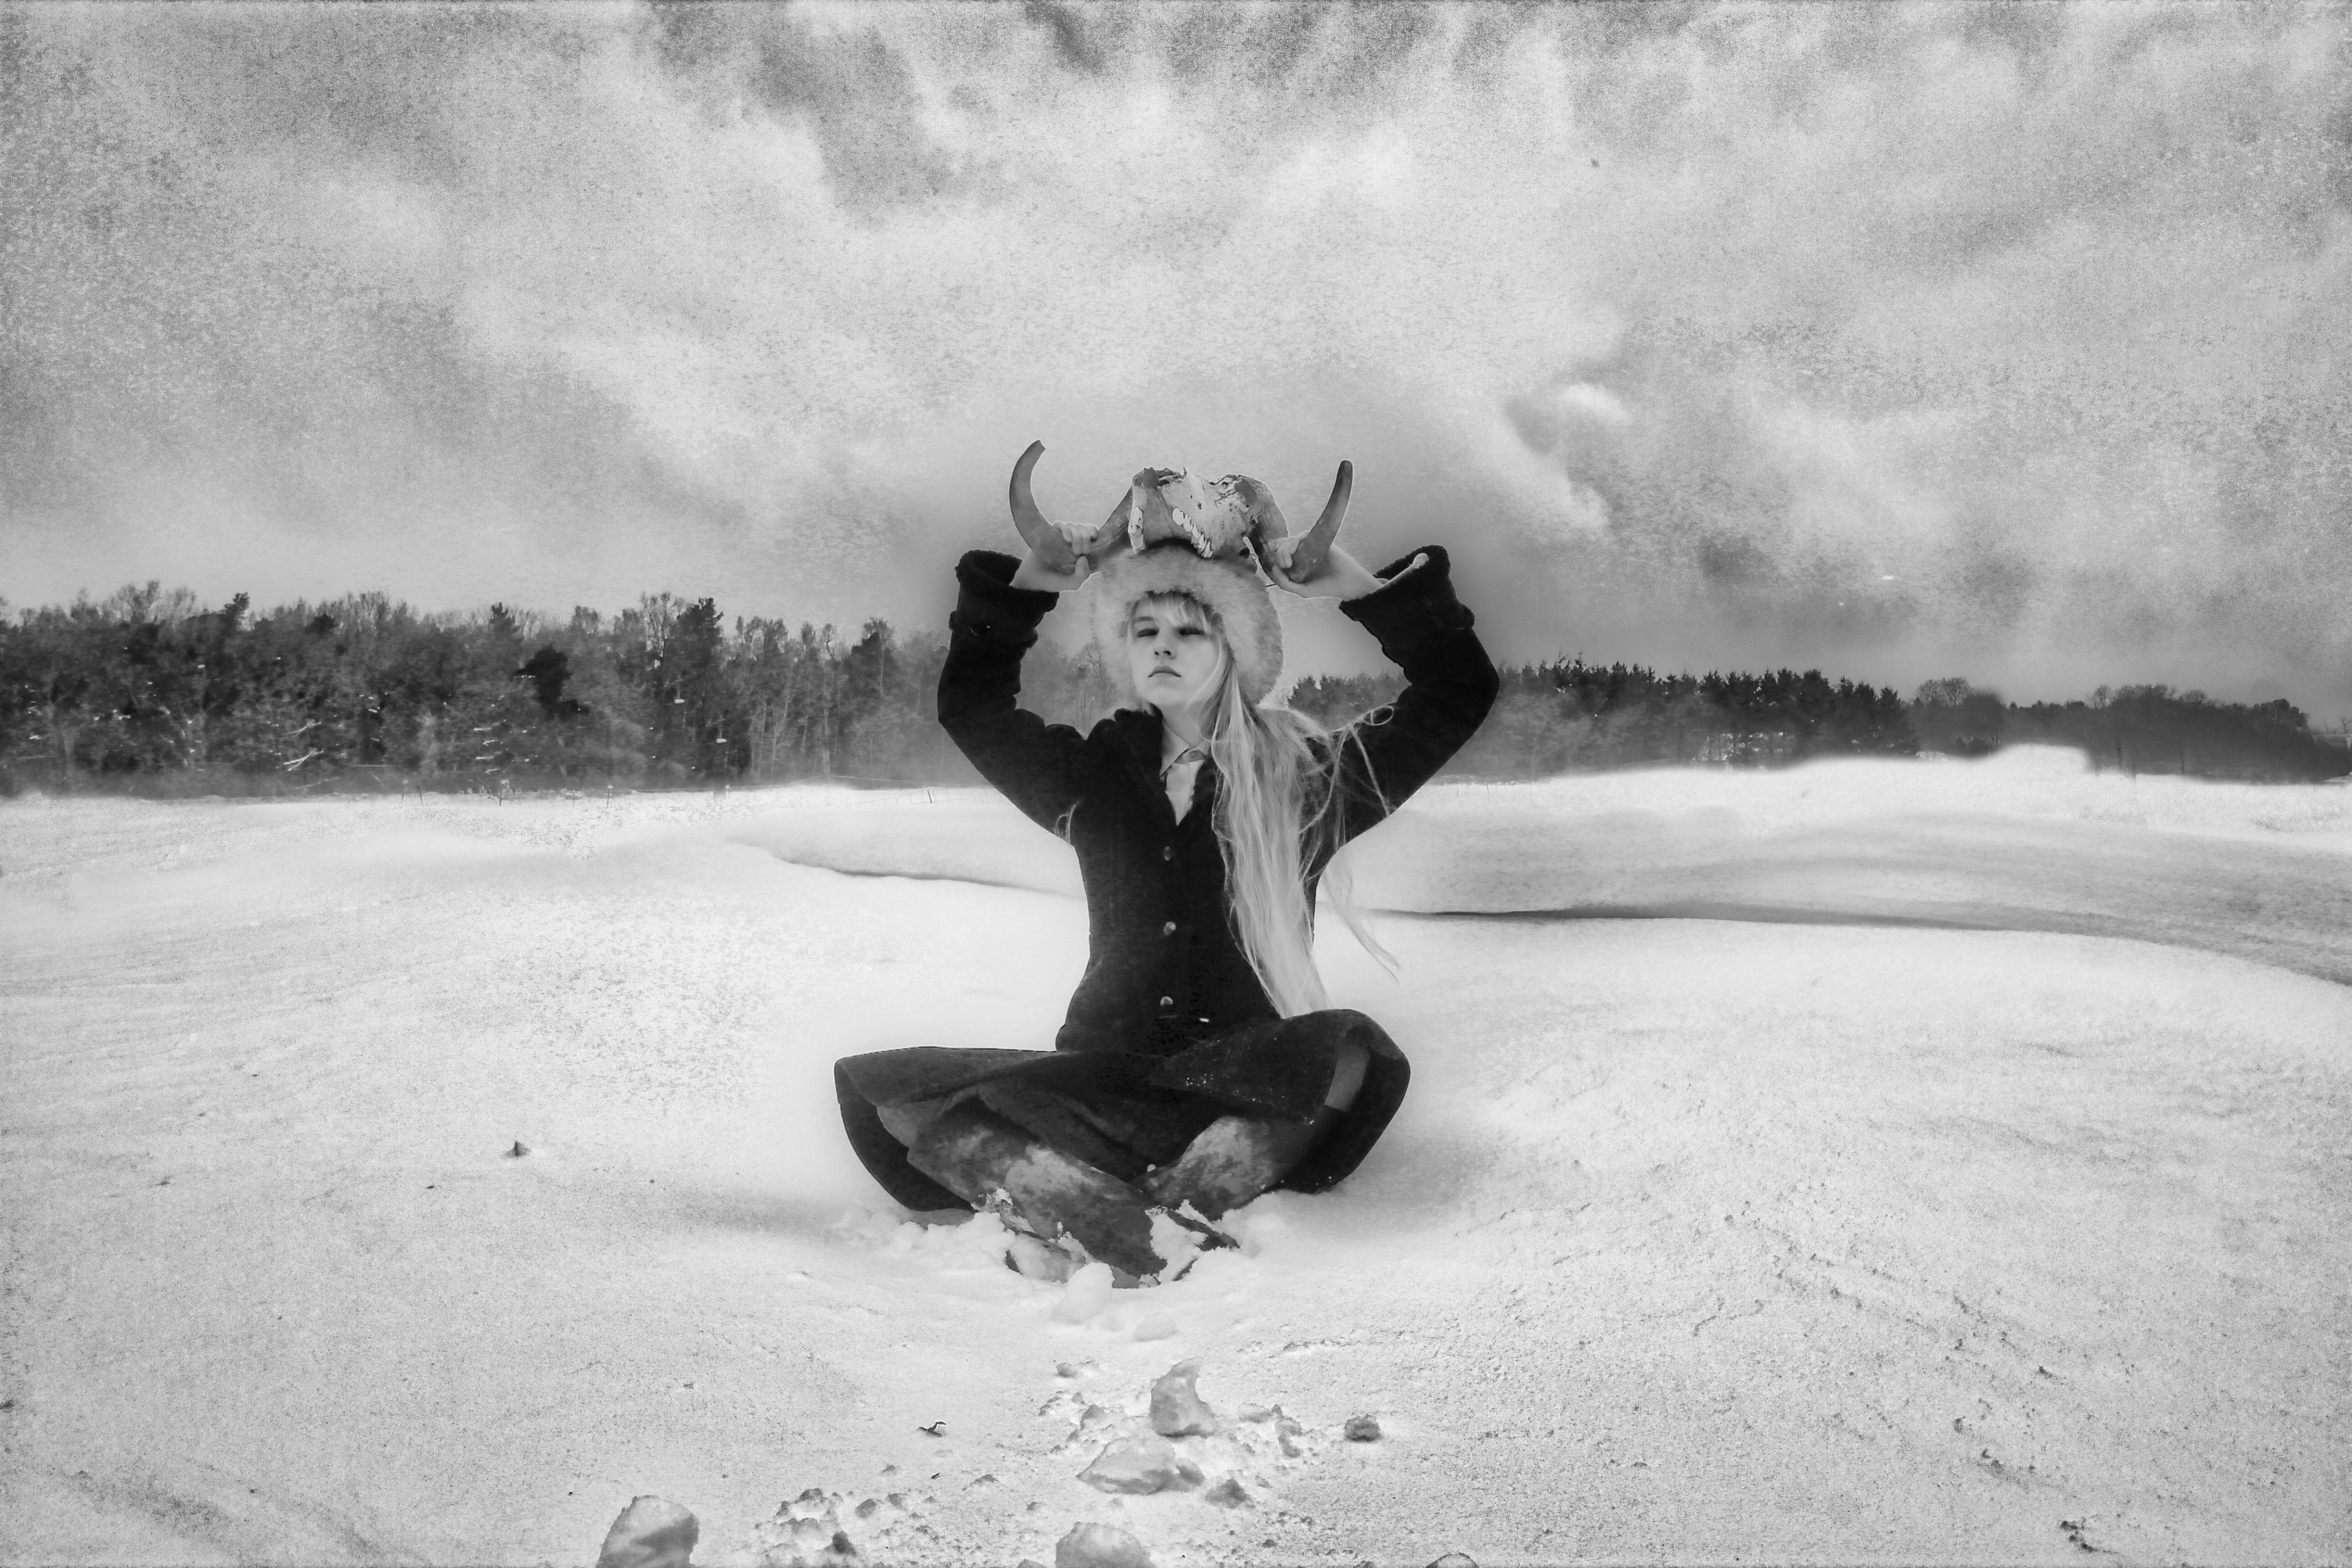 Snowmeditations